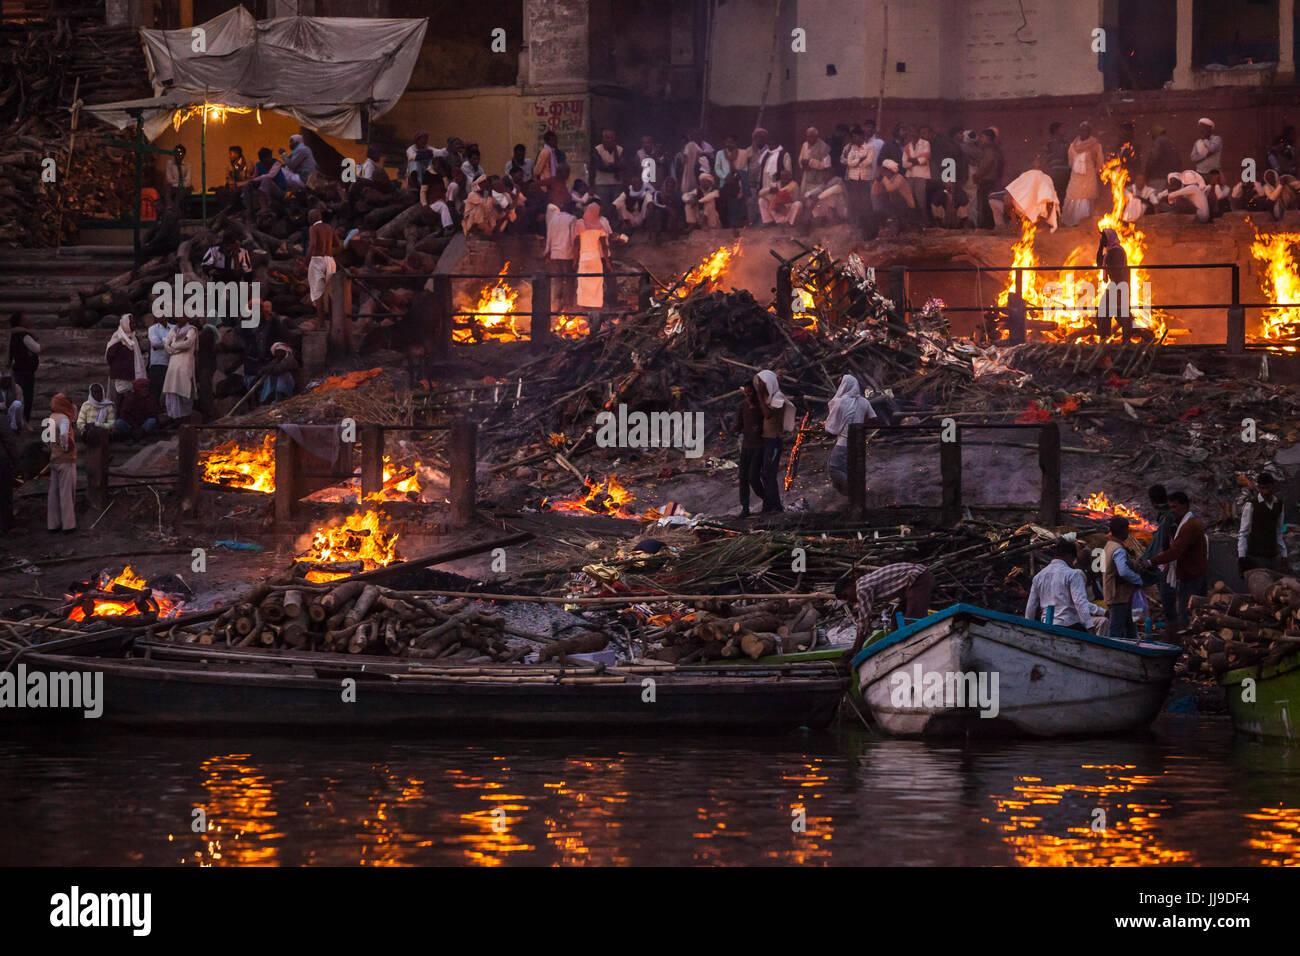 La cremación piras funerarias temprano en la noche. Manikarnika Ghat, Varanasi, Uttar Pradesh, India. Imagen De Stock